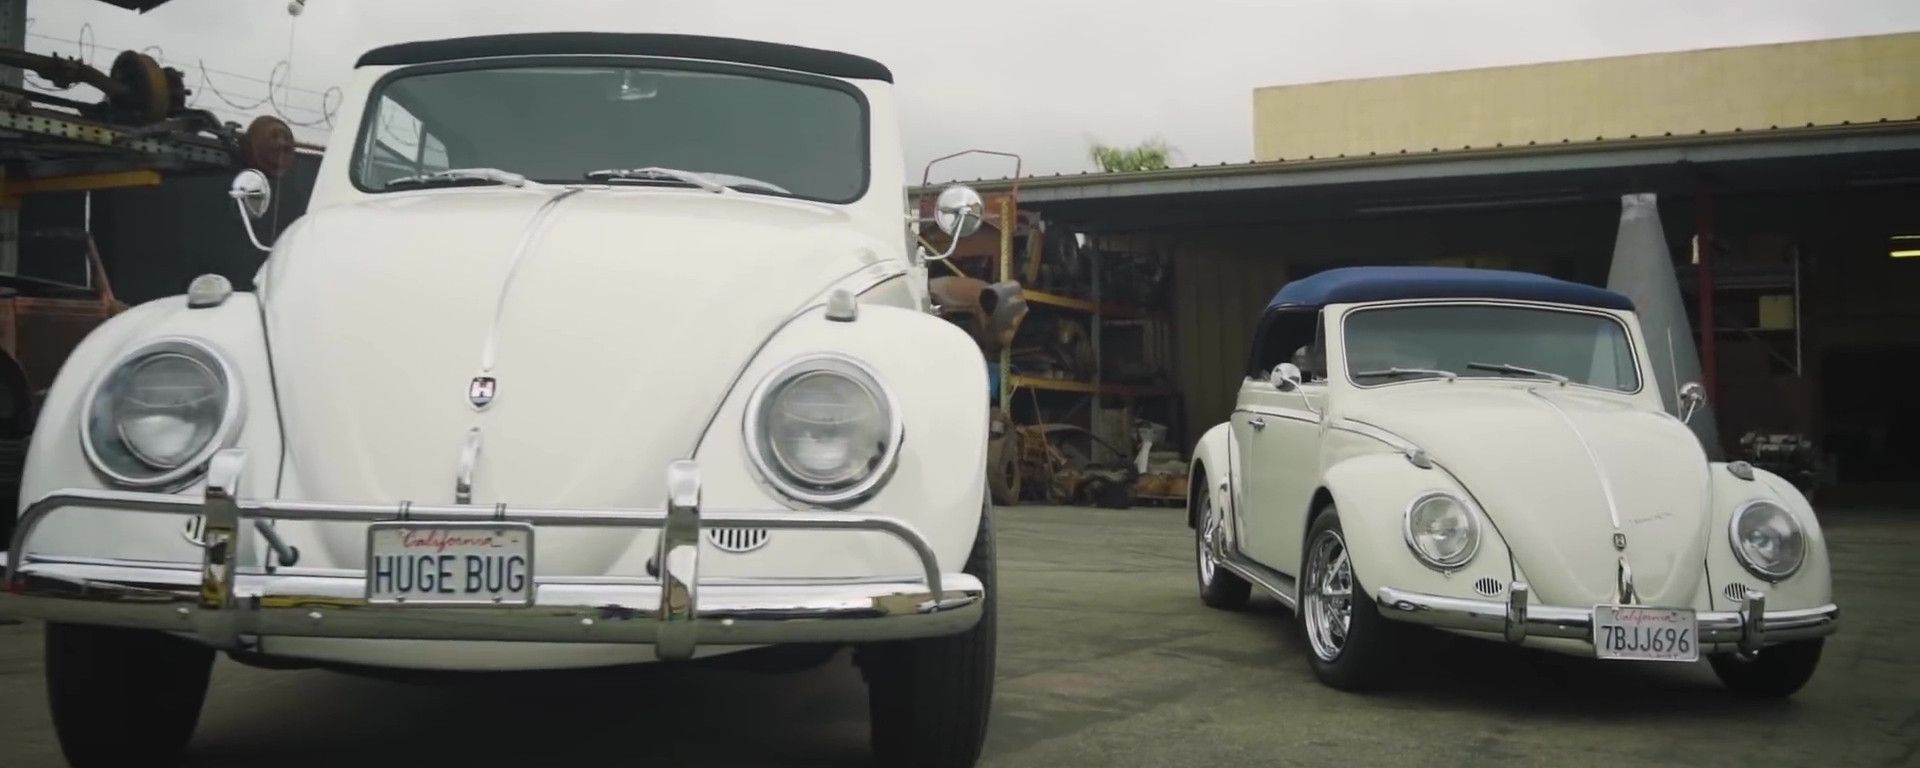 Volkswagen Beetle Huge Bug: i due modelli a confronto